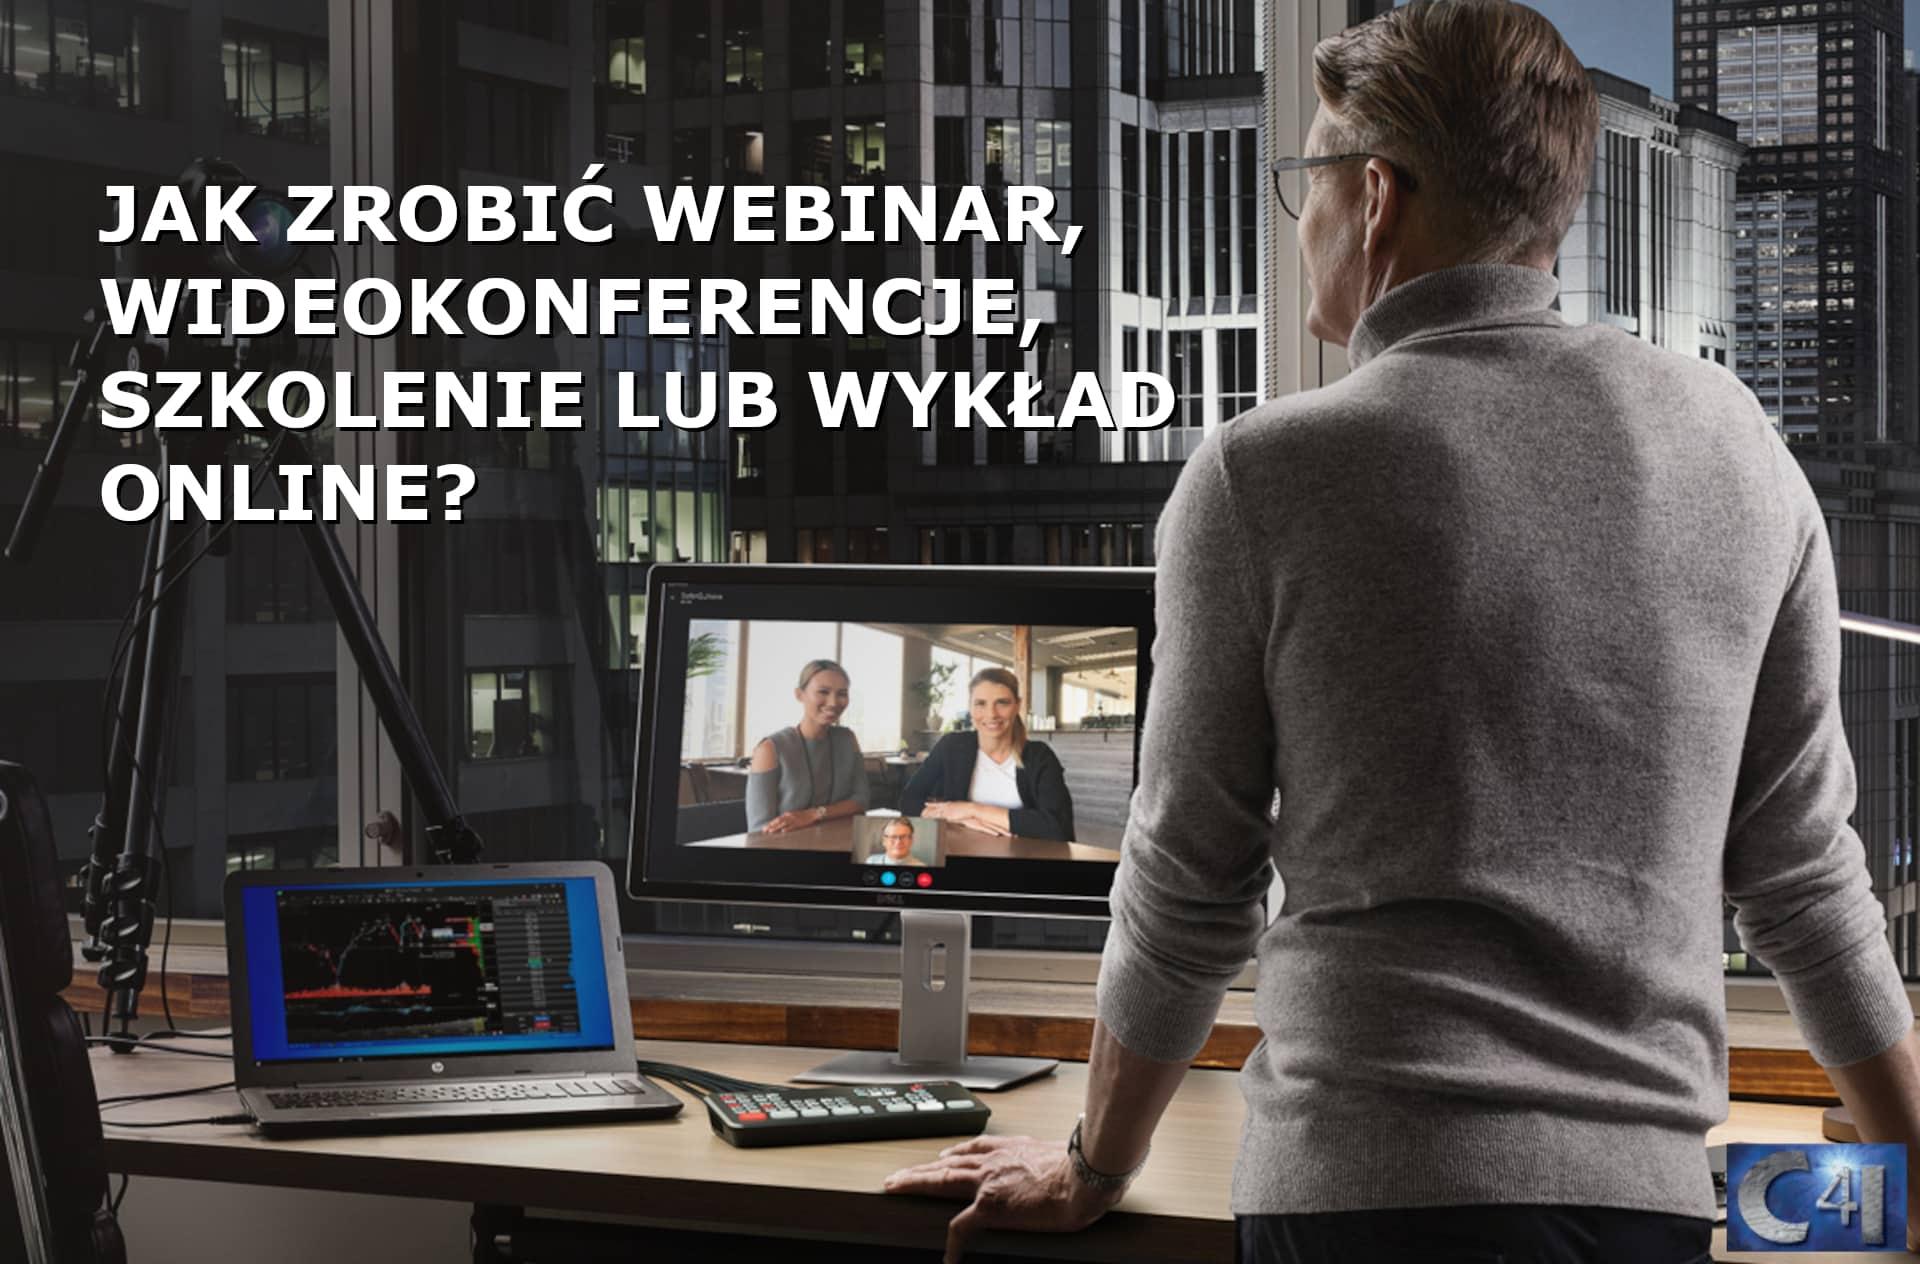 Jak zrobić webinar, wideokonferencje, szkolenie lub wykład online?